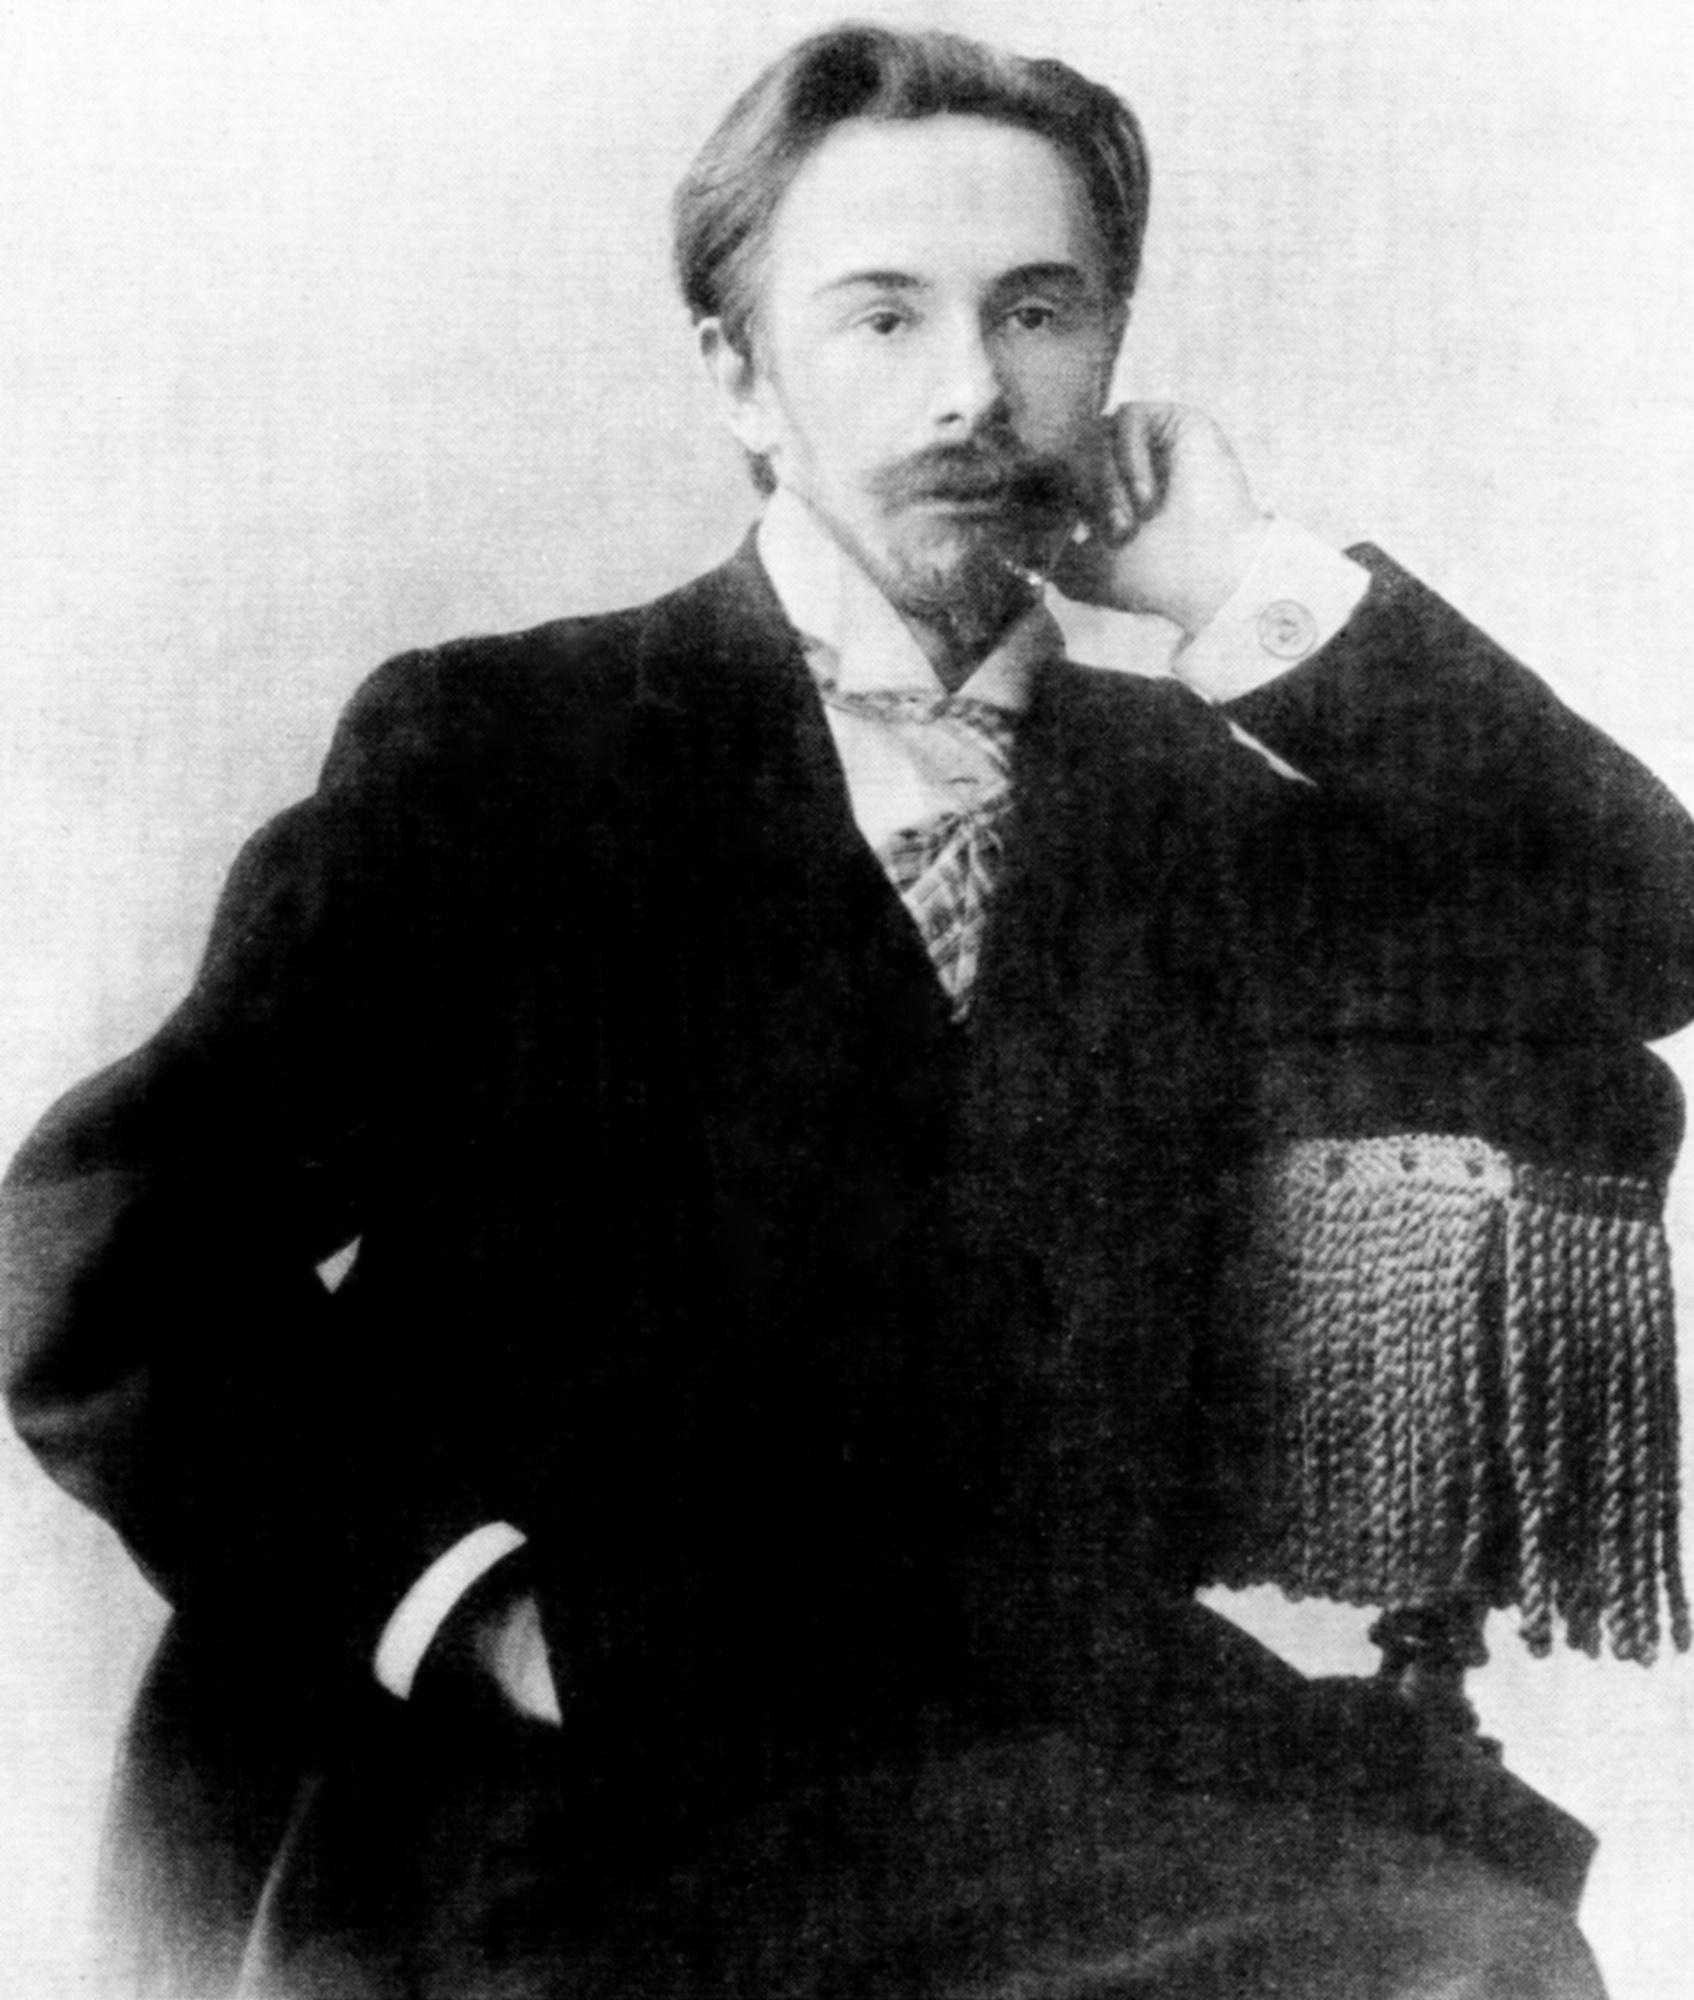 Скрябин Александр Николаевич (1872-1915), русский композитор (фото 1900 года)